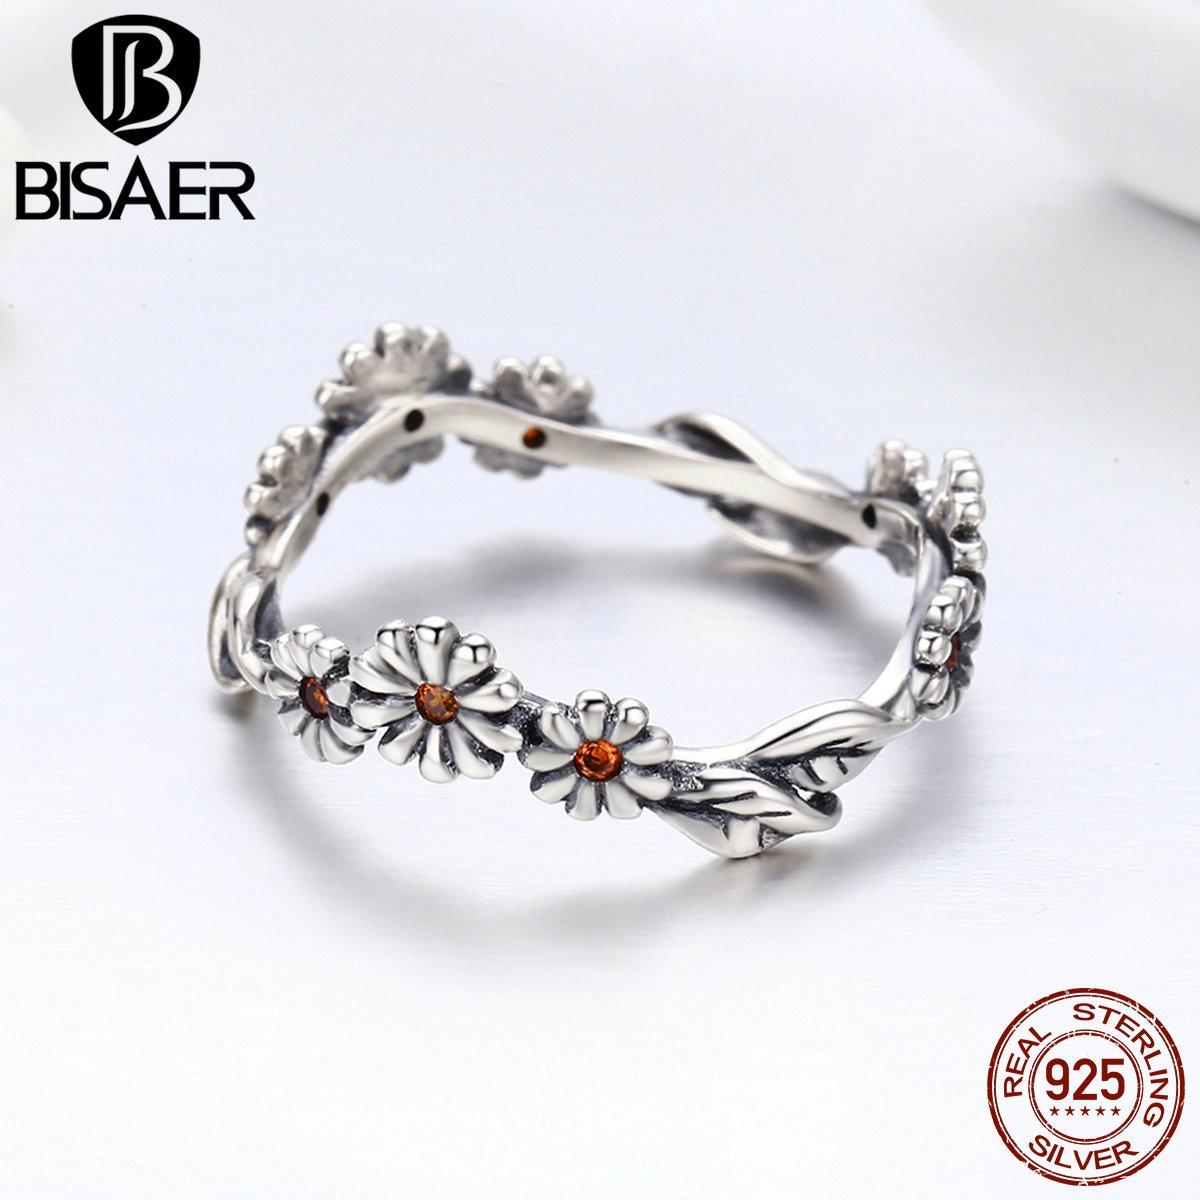 2019 Neue Trendy Echtem 100% 925 Sterling Silber Stapelbar Daisy Blume Finger Ring Frauen Sterling Silber Schmuck Geschenk Hohe Belastbarkeit